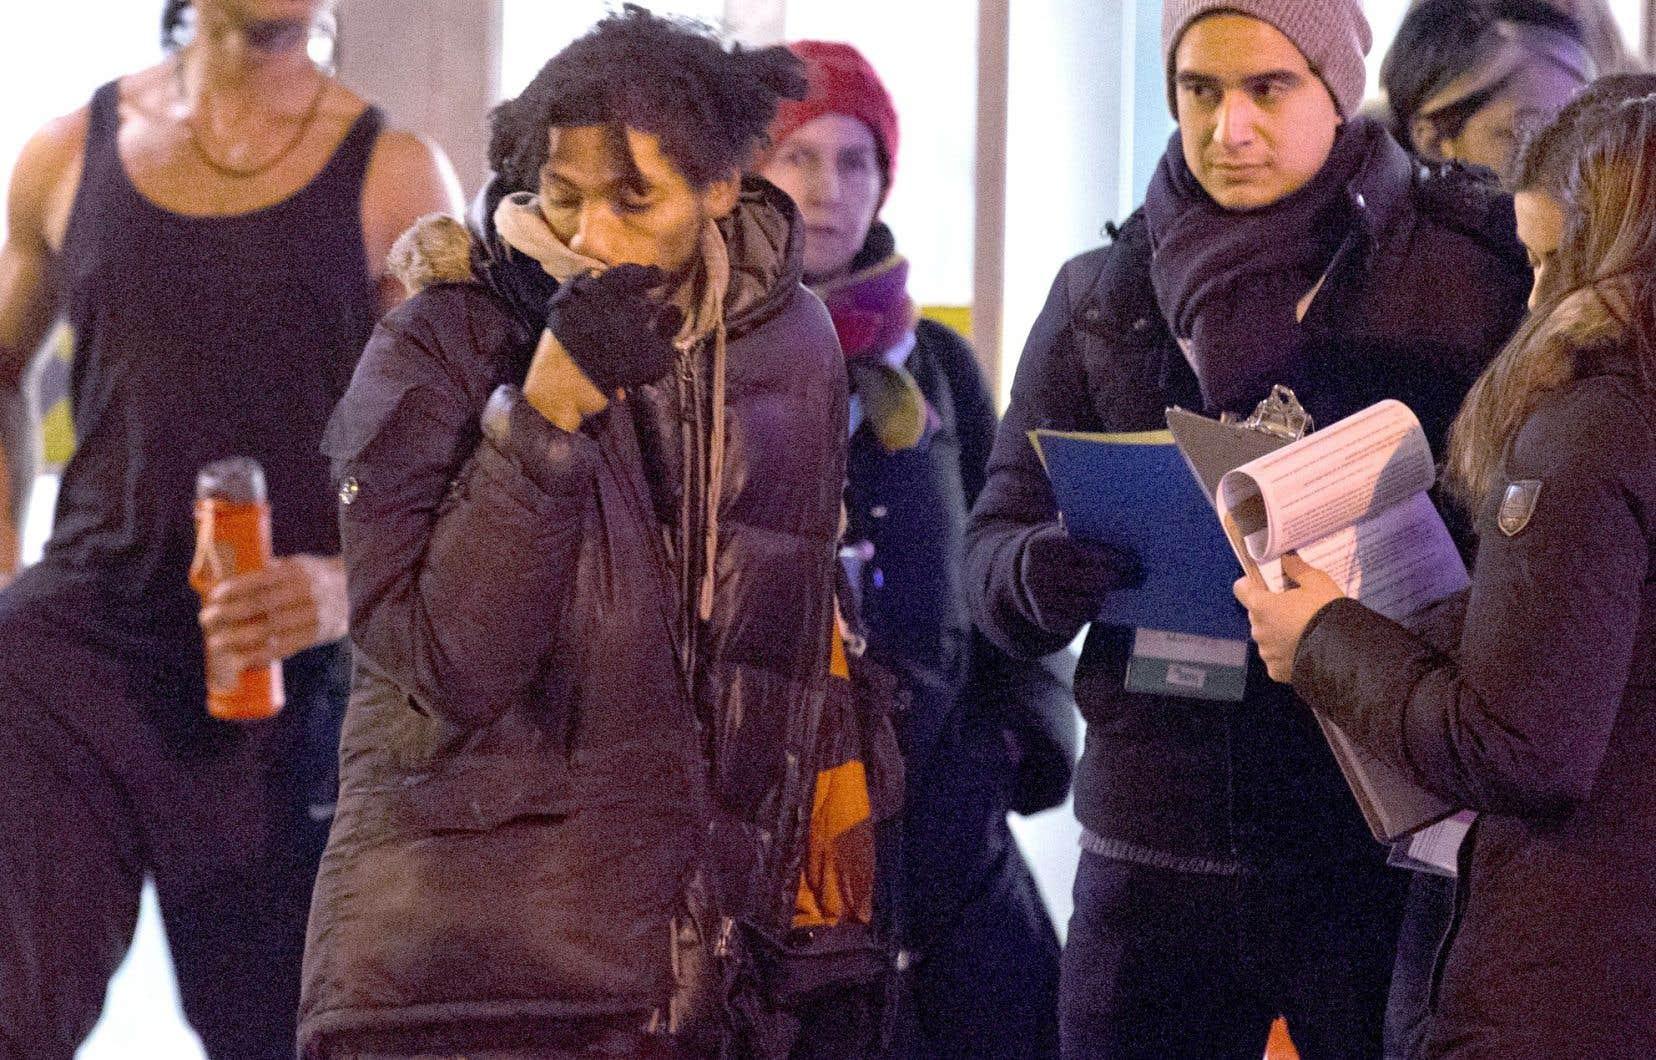 Quelque 800 bénévoles ont été déployés mardi soir pour sonder chaque personne qui croisait leur chemin, et ce, dans 221 quadrilatères de Montréal.